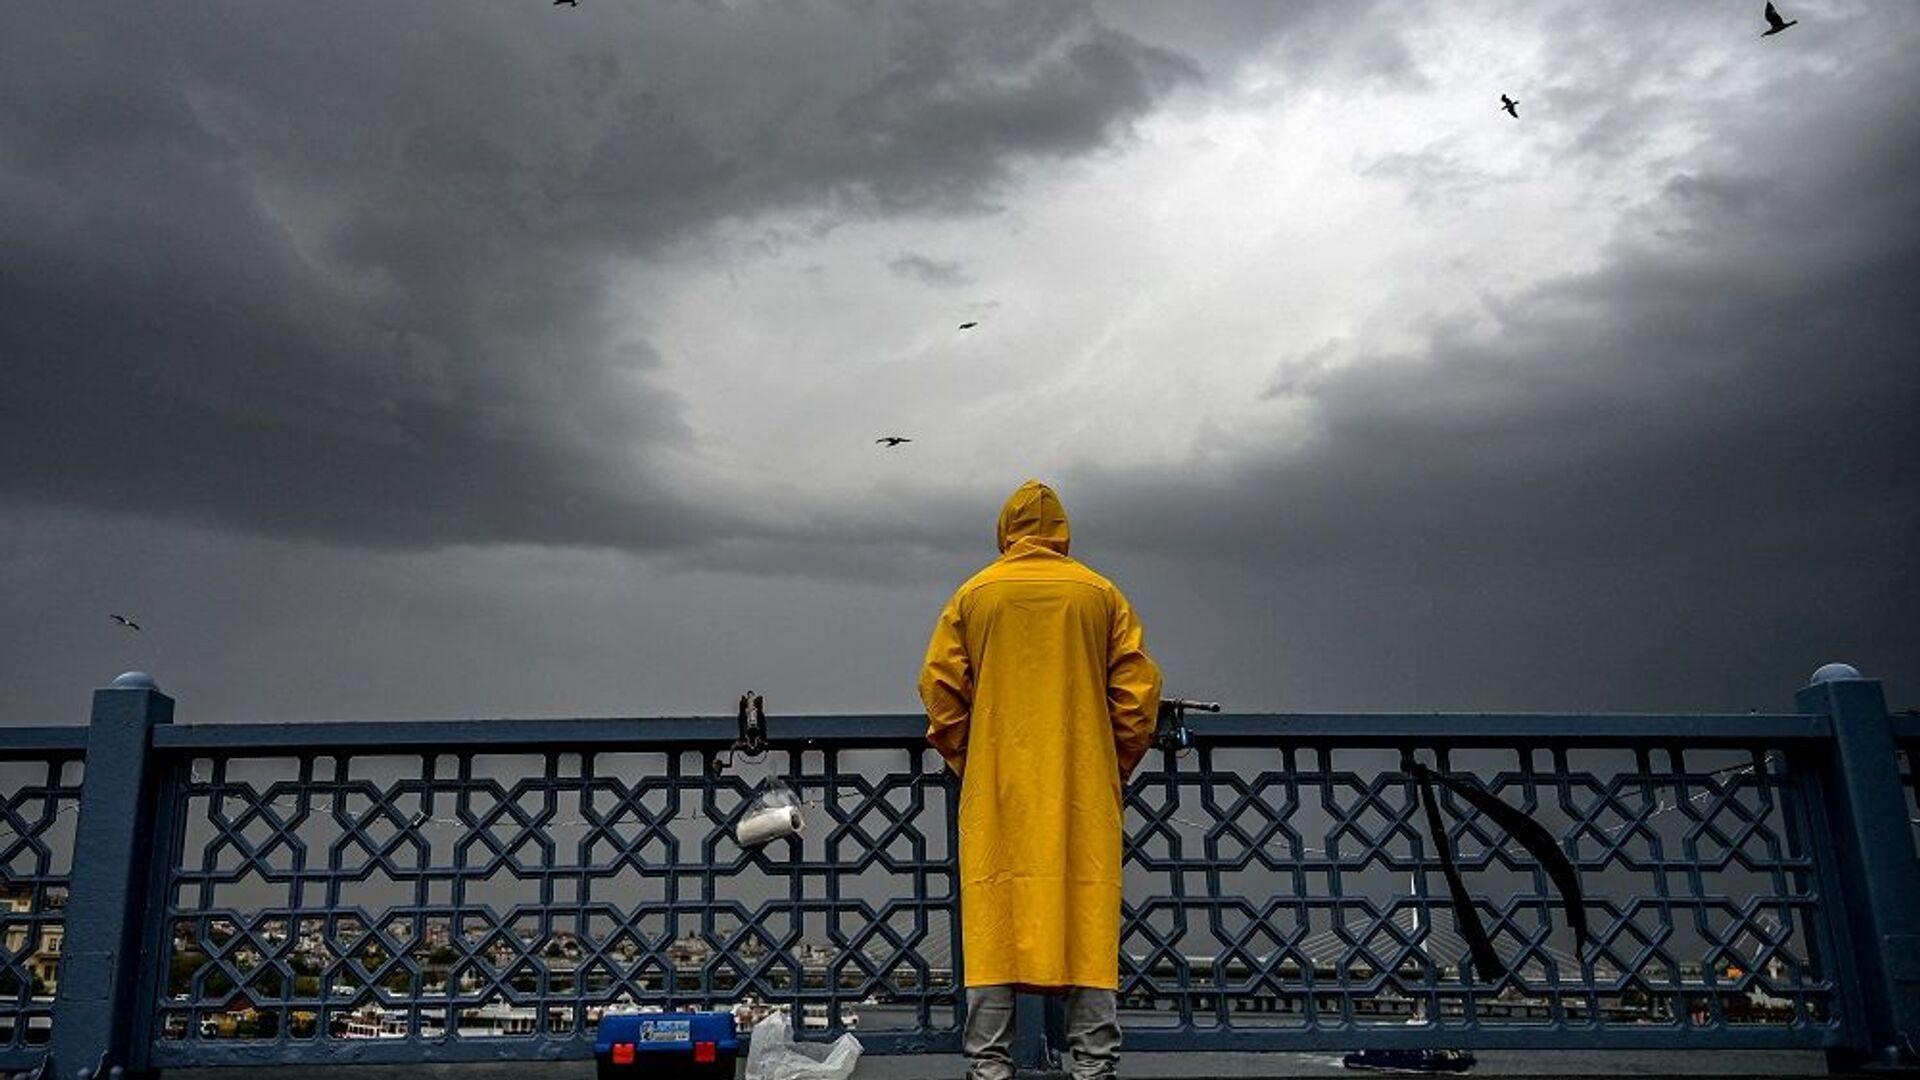 İstanbul, yağmur, yağmurlu hava, sağanak,  - Sputnik Türkiye, 1920, 04.07.2021